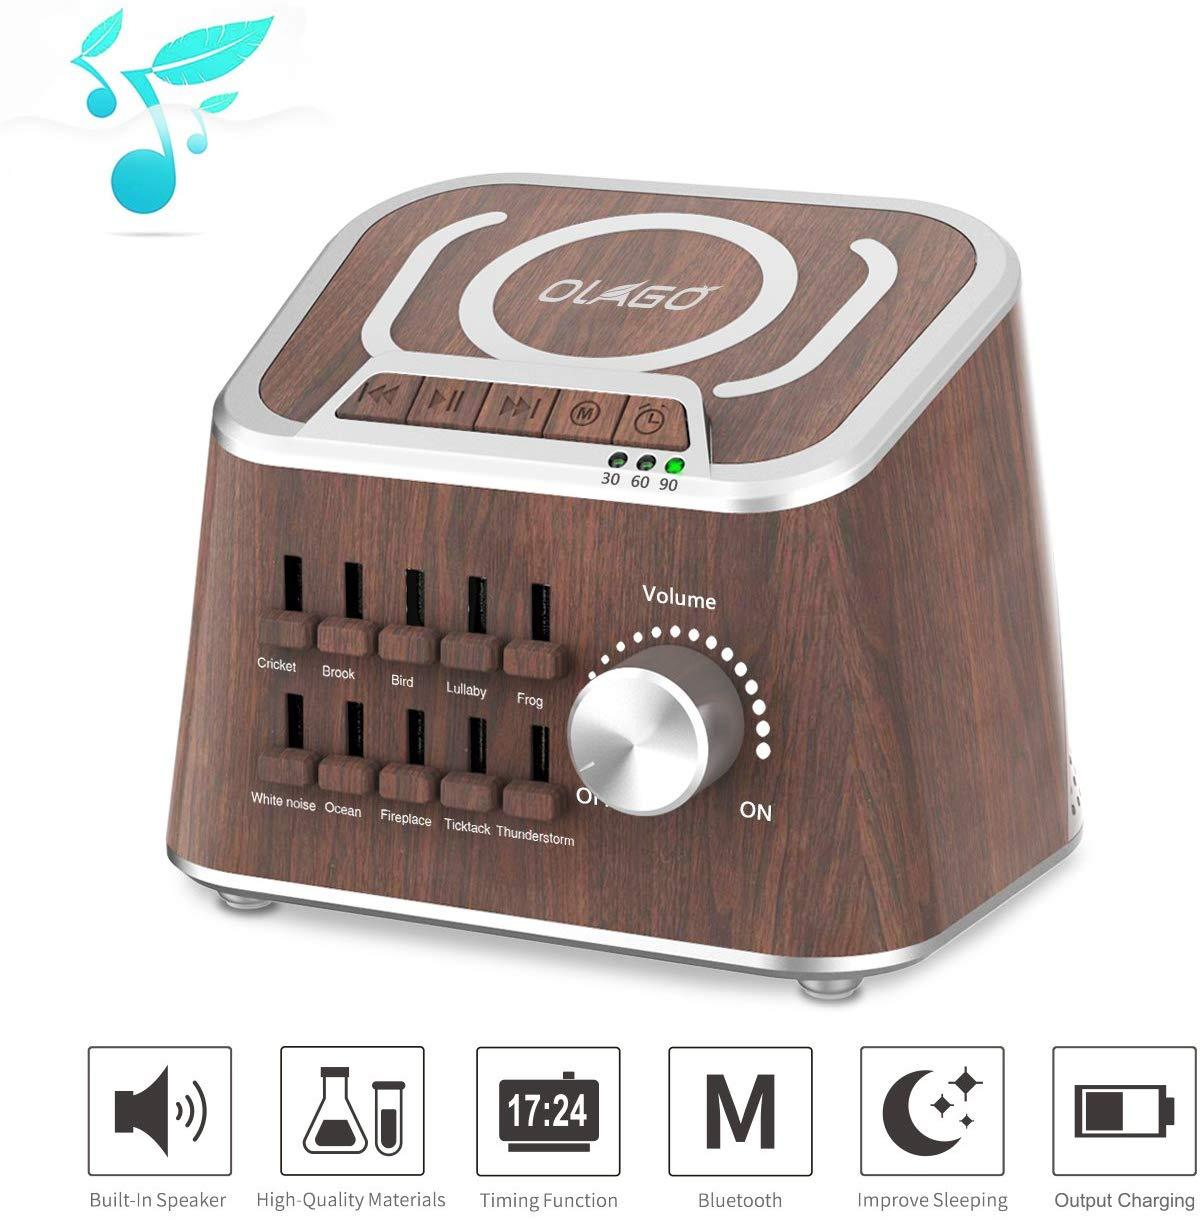 Olago Mixed Sound Sleep Spa Machine